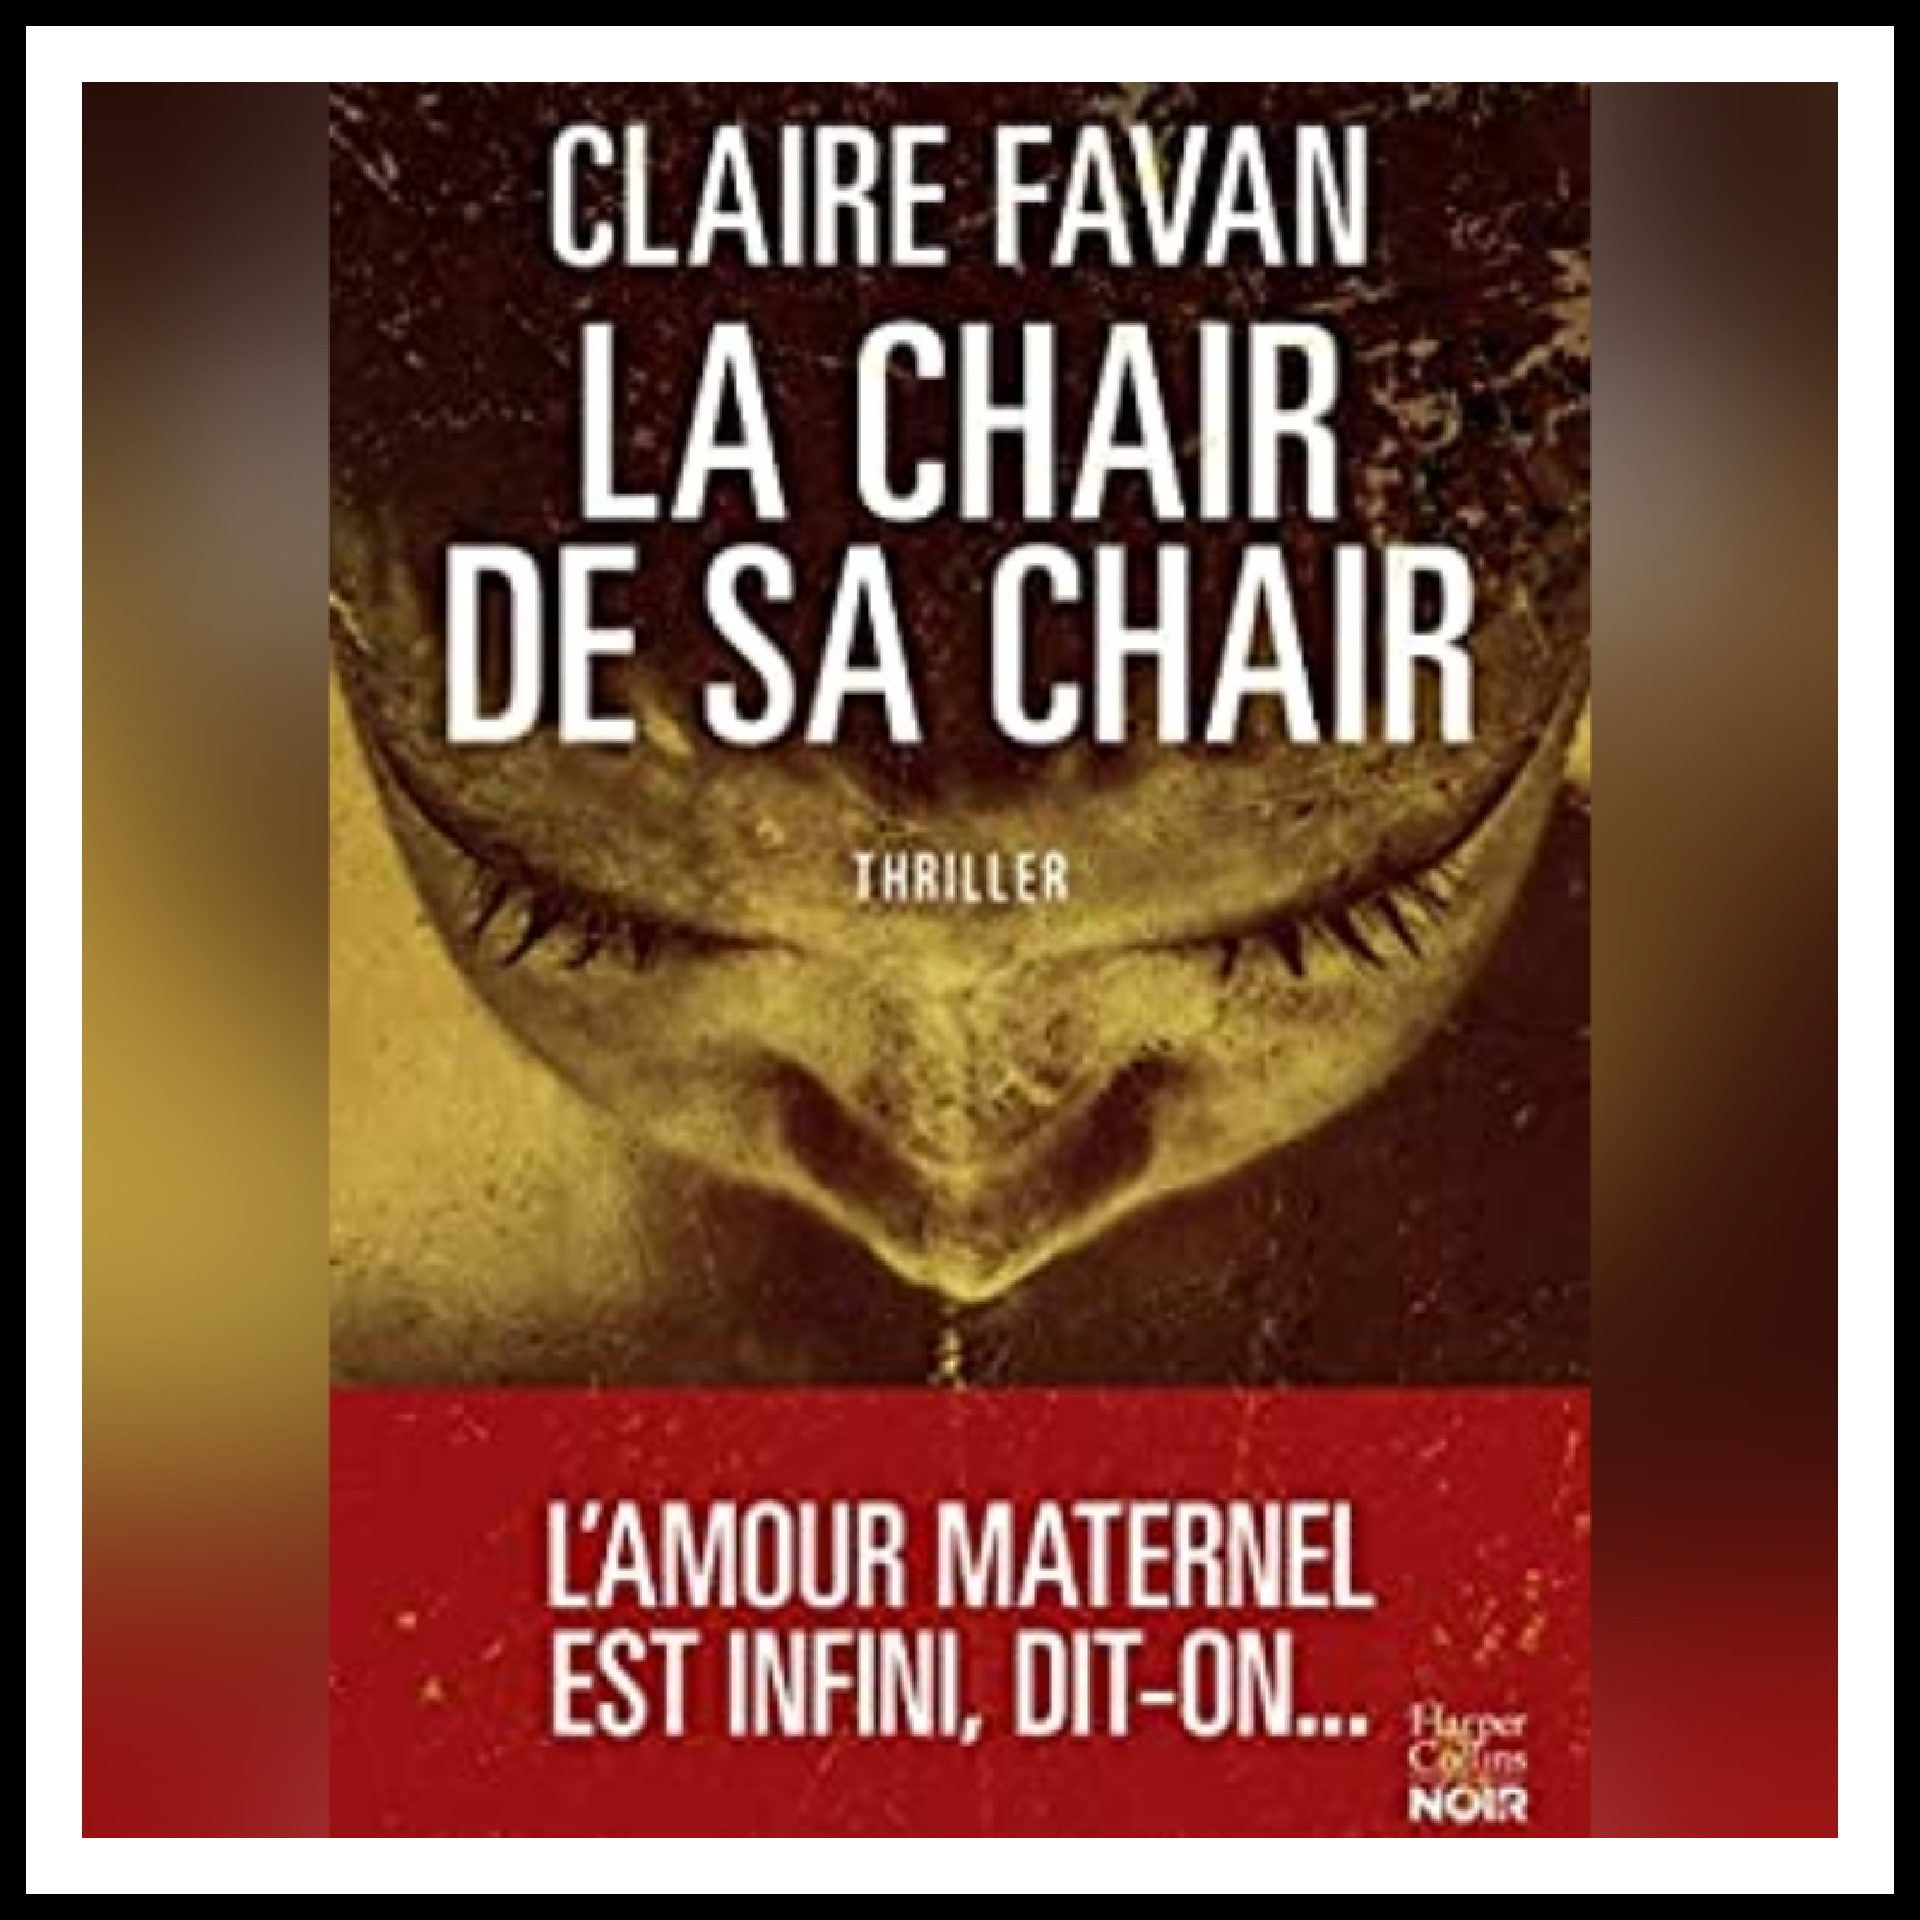 Chroniques 2021 \ La chair de sa chair de Claire Favan